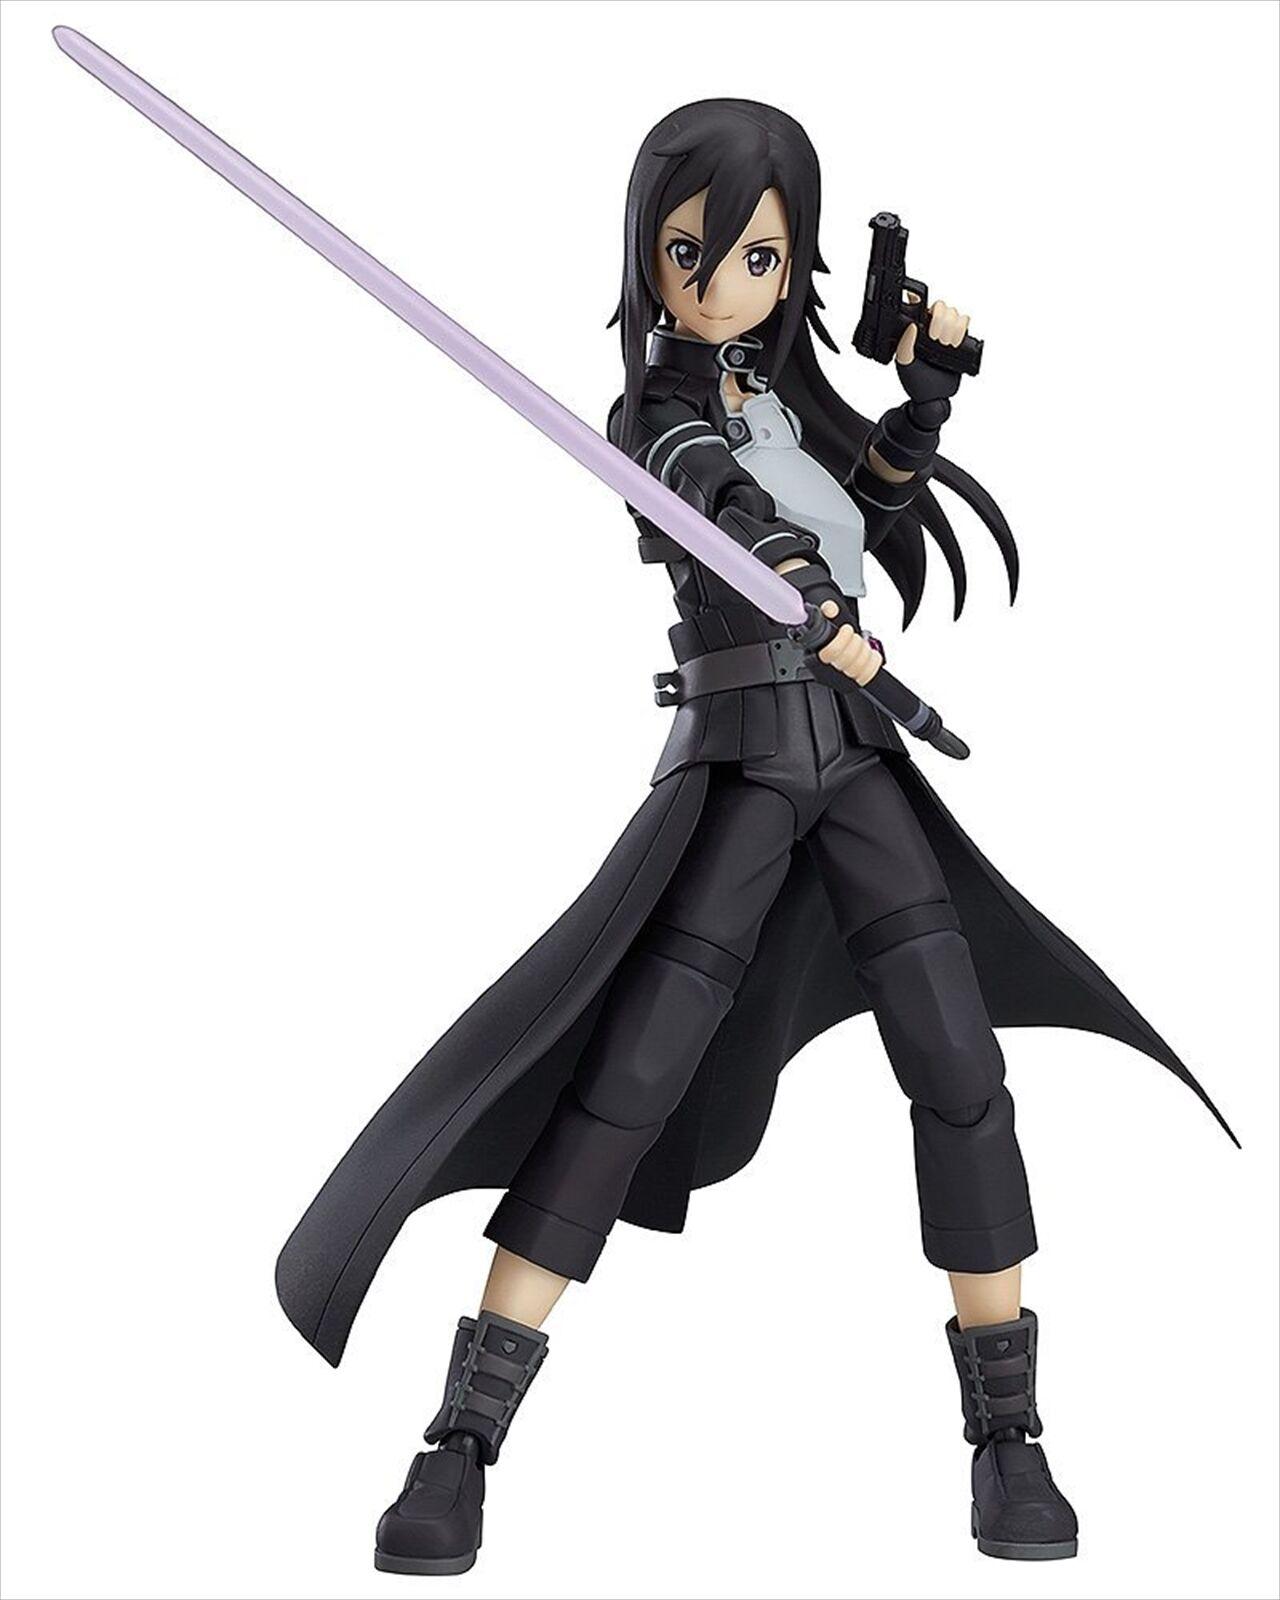 MAX Factory figma Sword Art Online II Kirito Gun Gale Online Ver. Action Figure